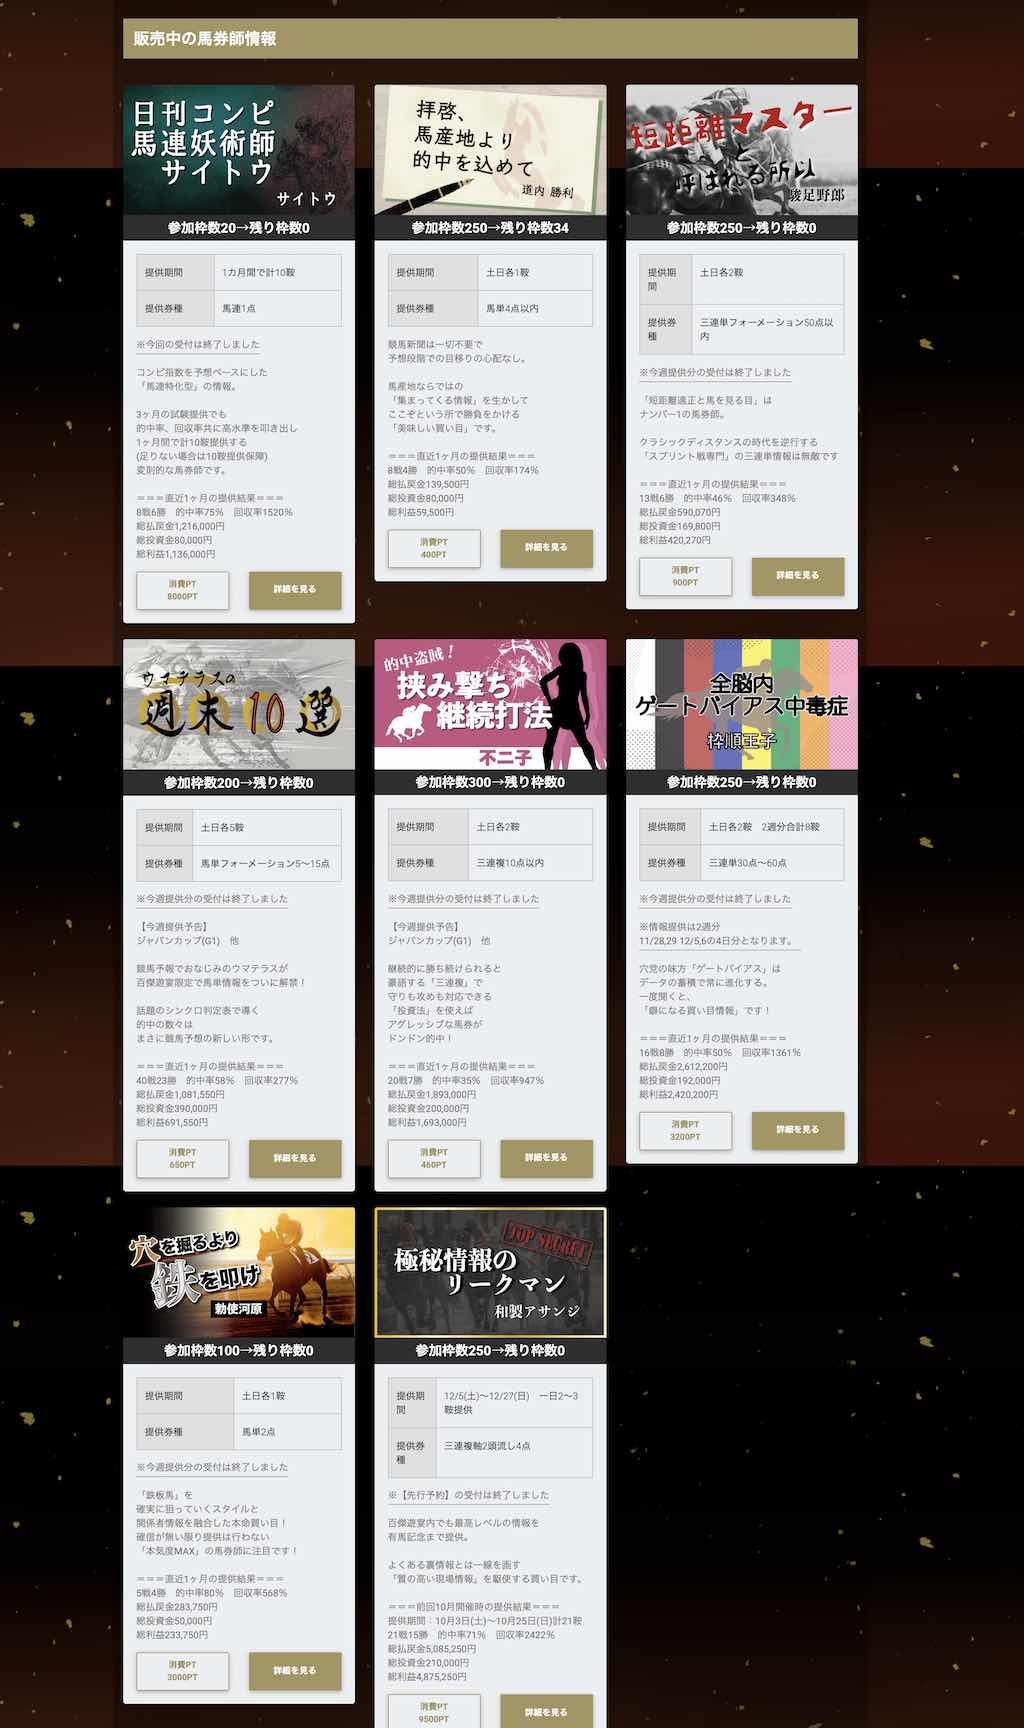 競馬百傑遊宴という競馬予想サイトの販売コース